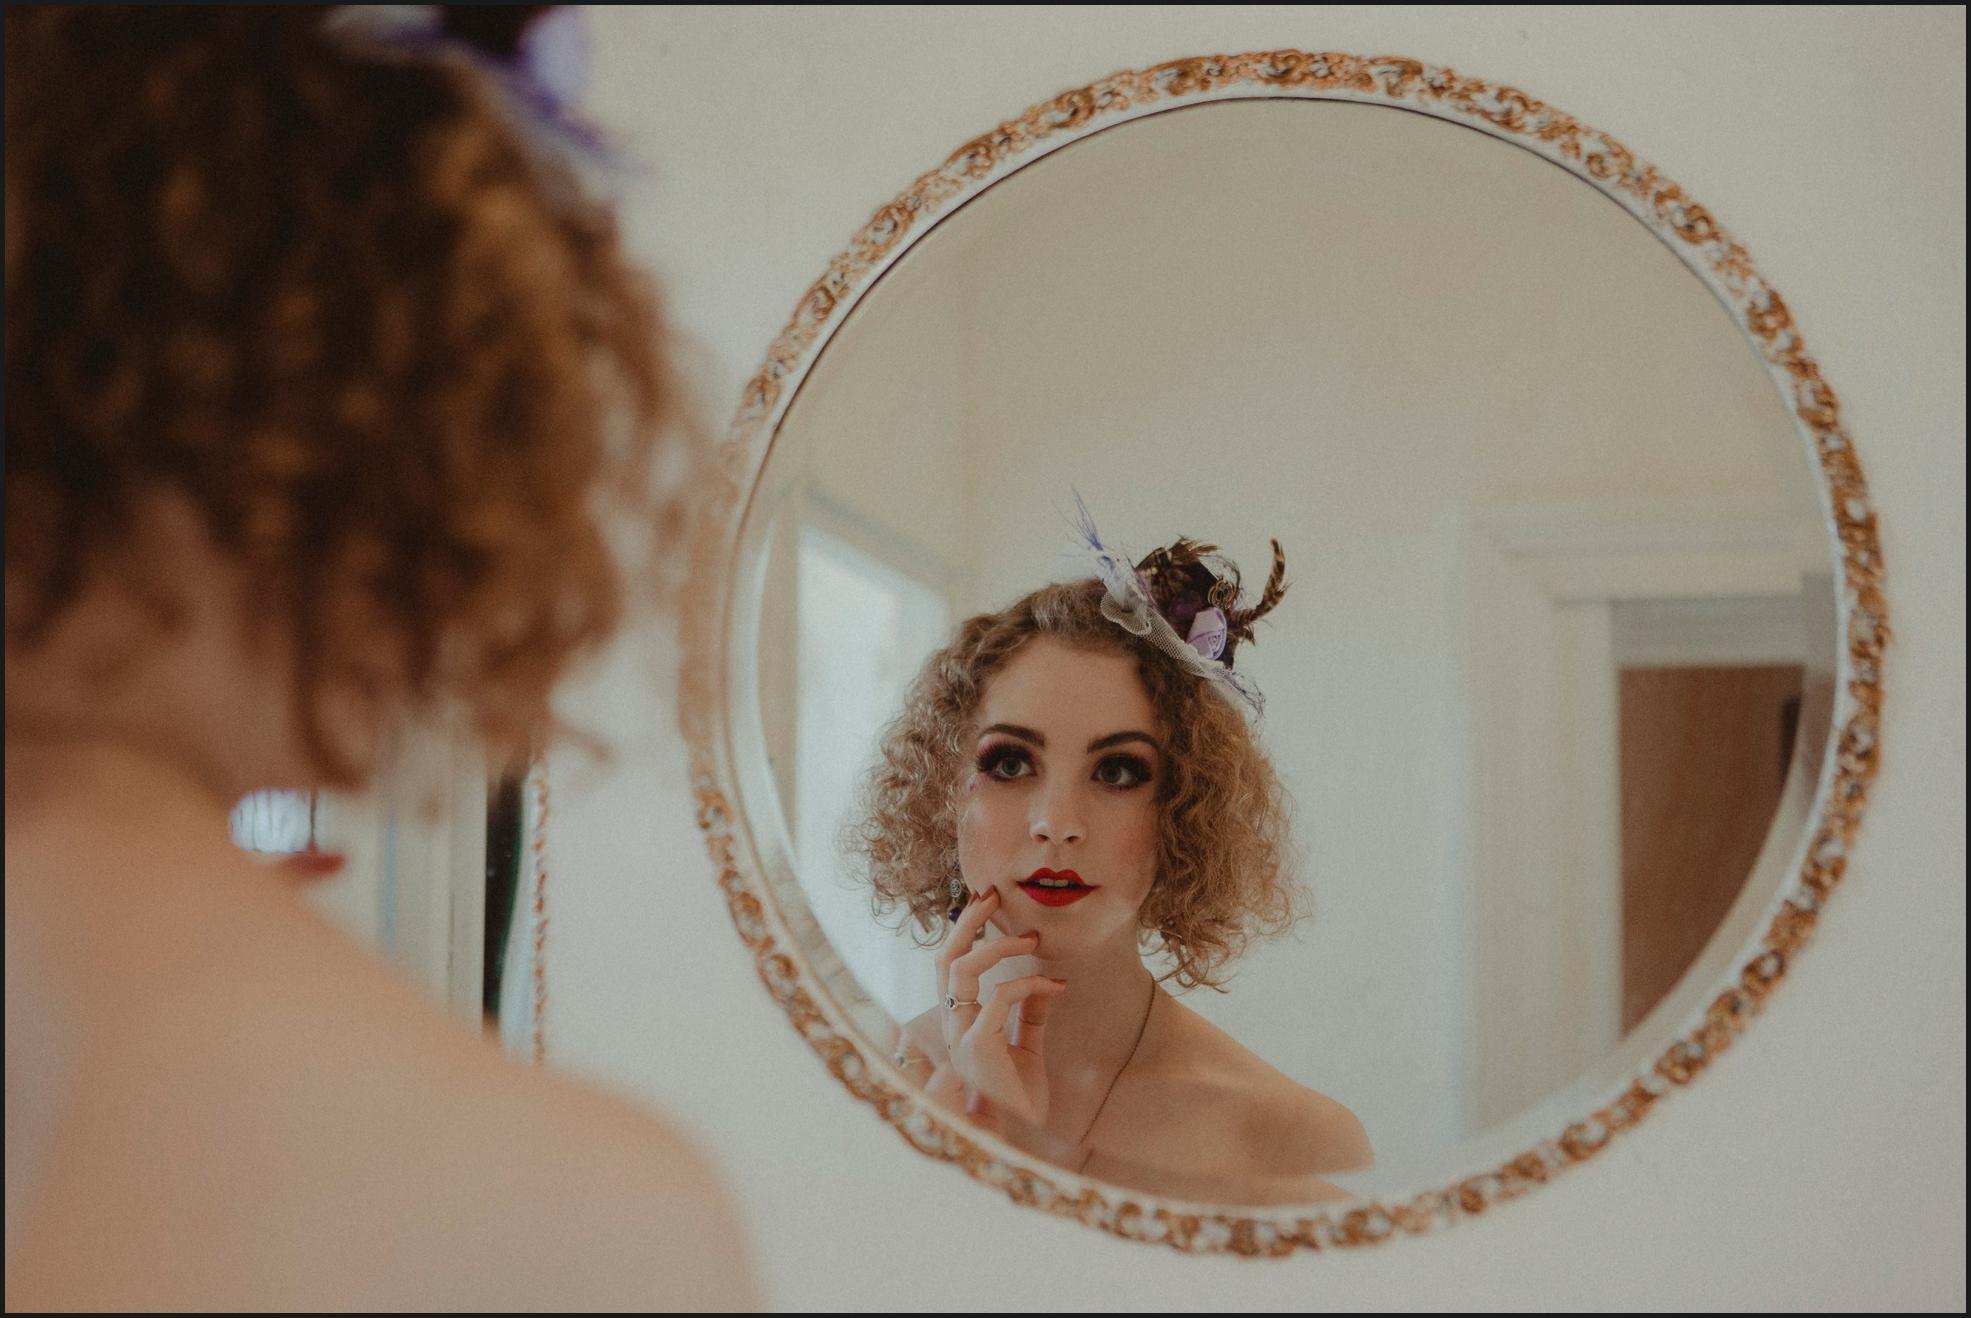 bride, preparation, make up, mirror